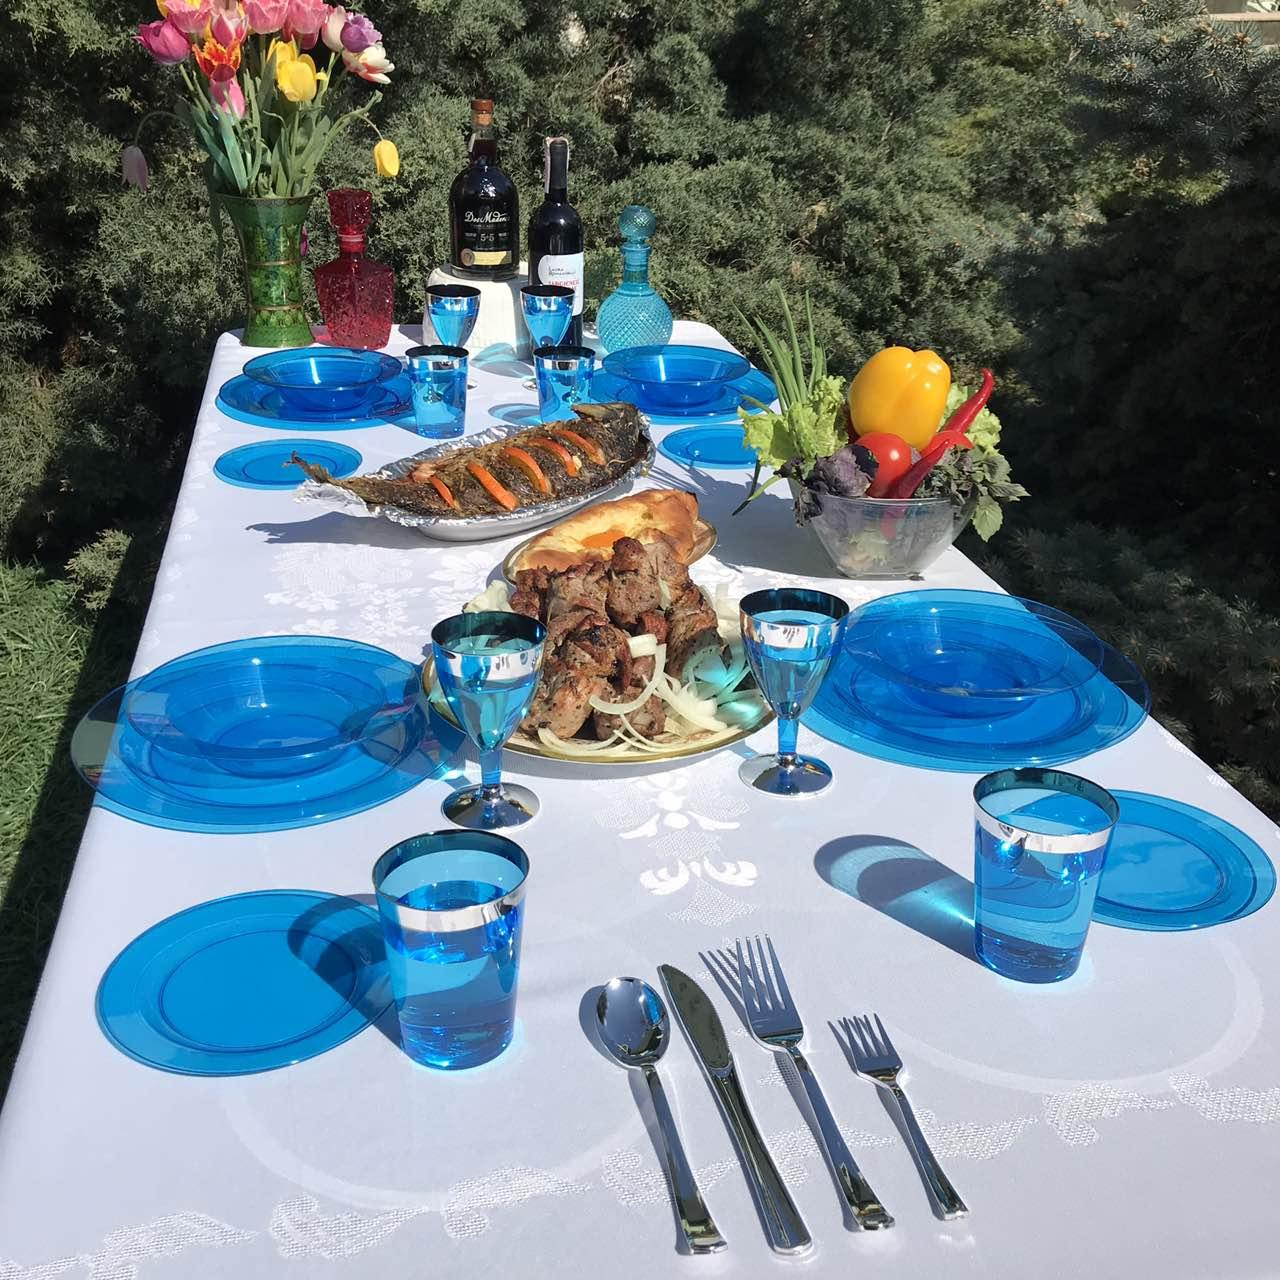 Посуда Capital For People пластиковая многоразовая плотная для дач. Полная сервировка стола 90 шт 6 чел